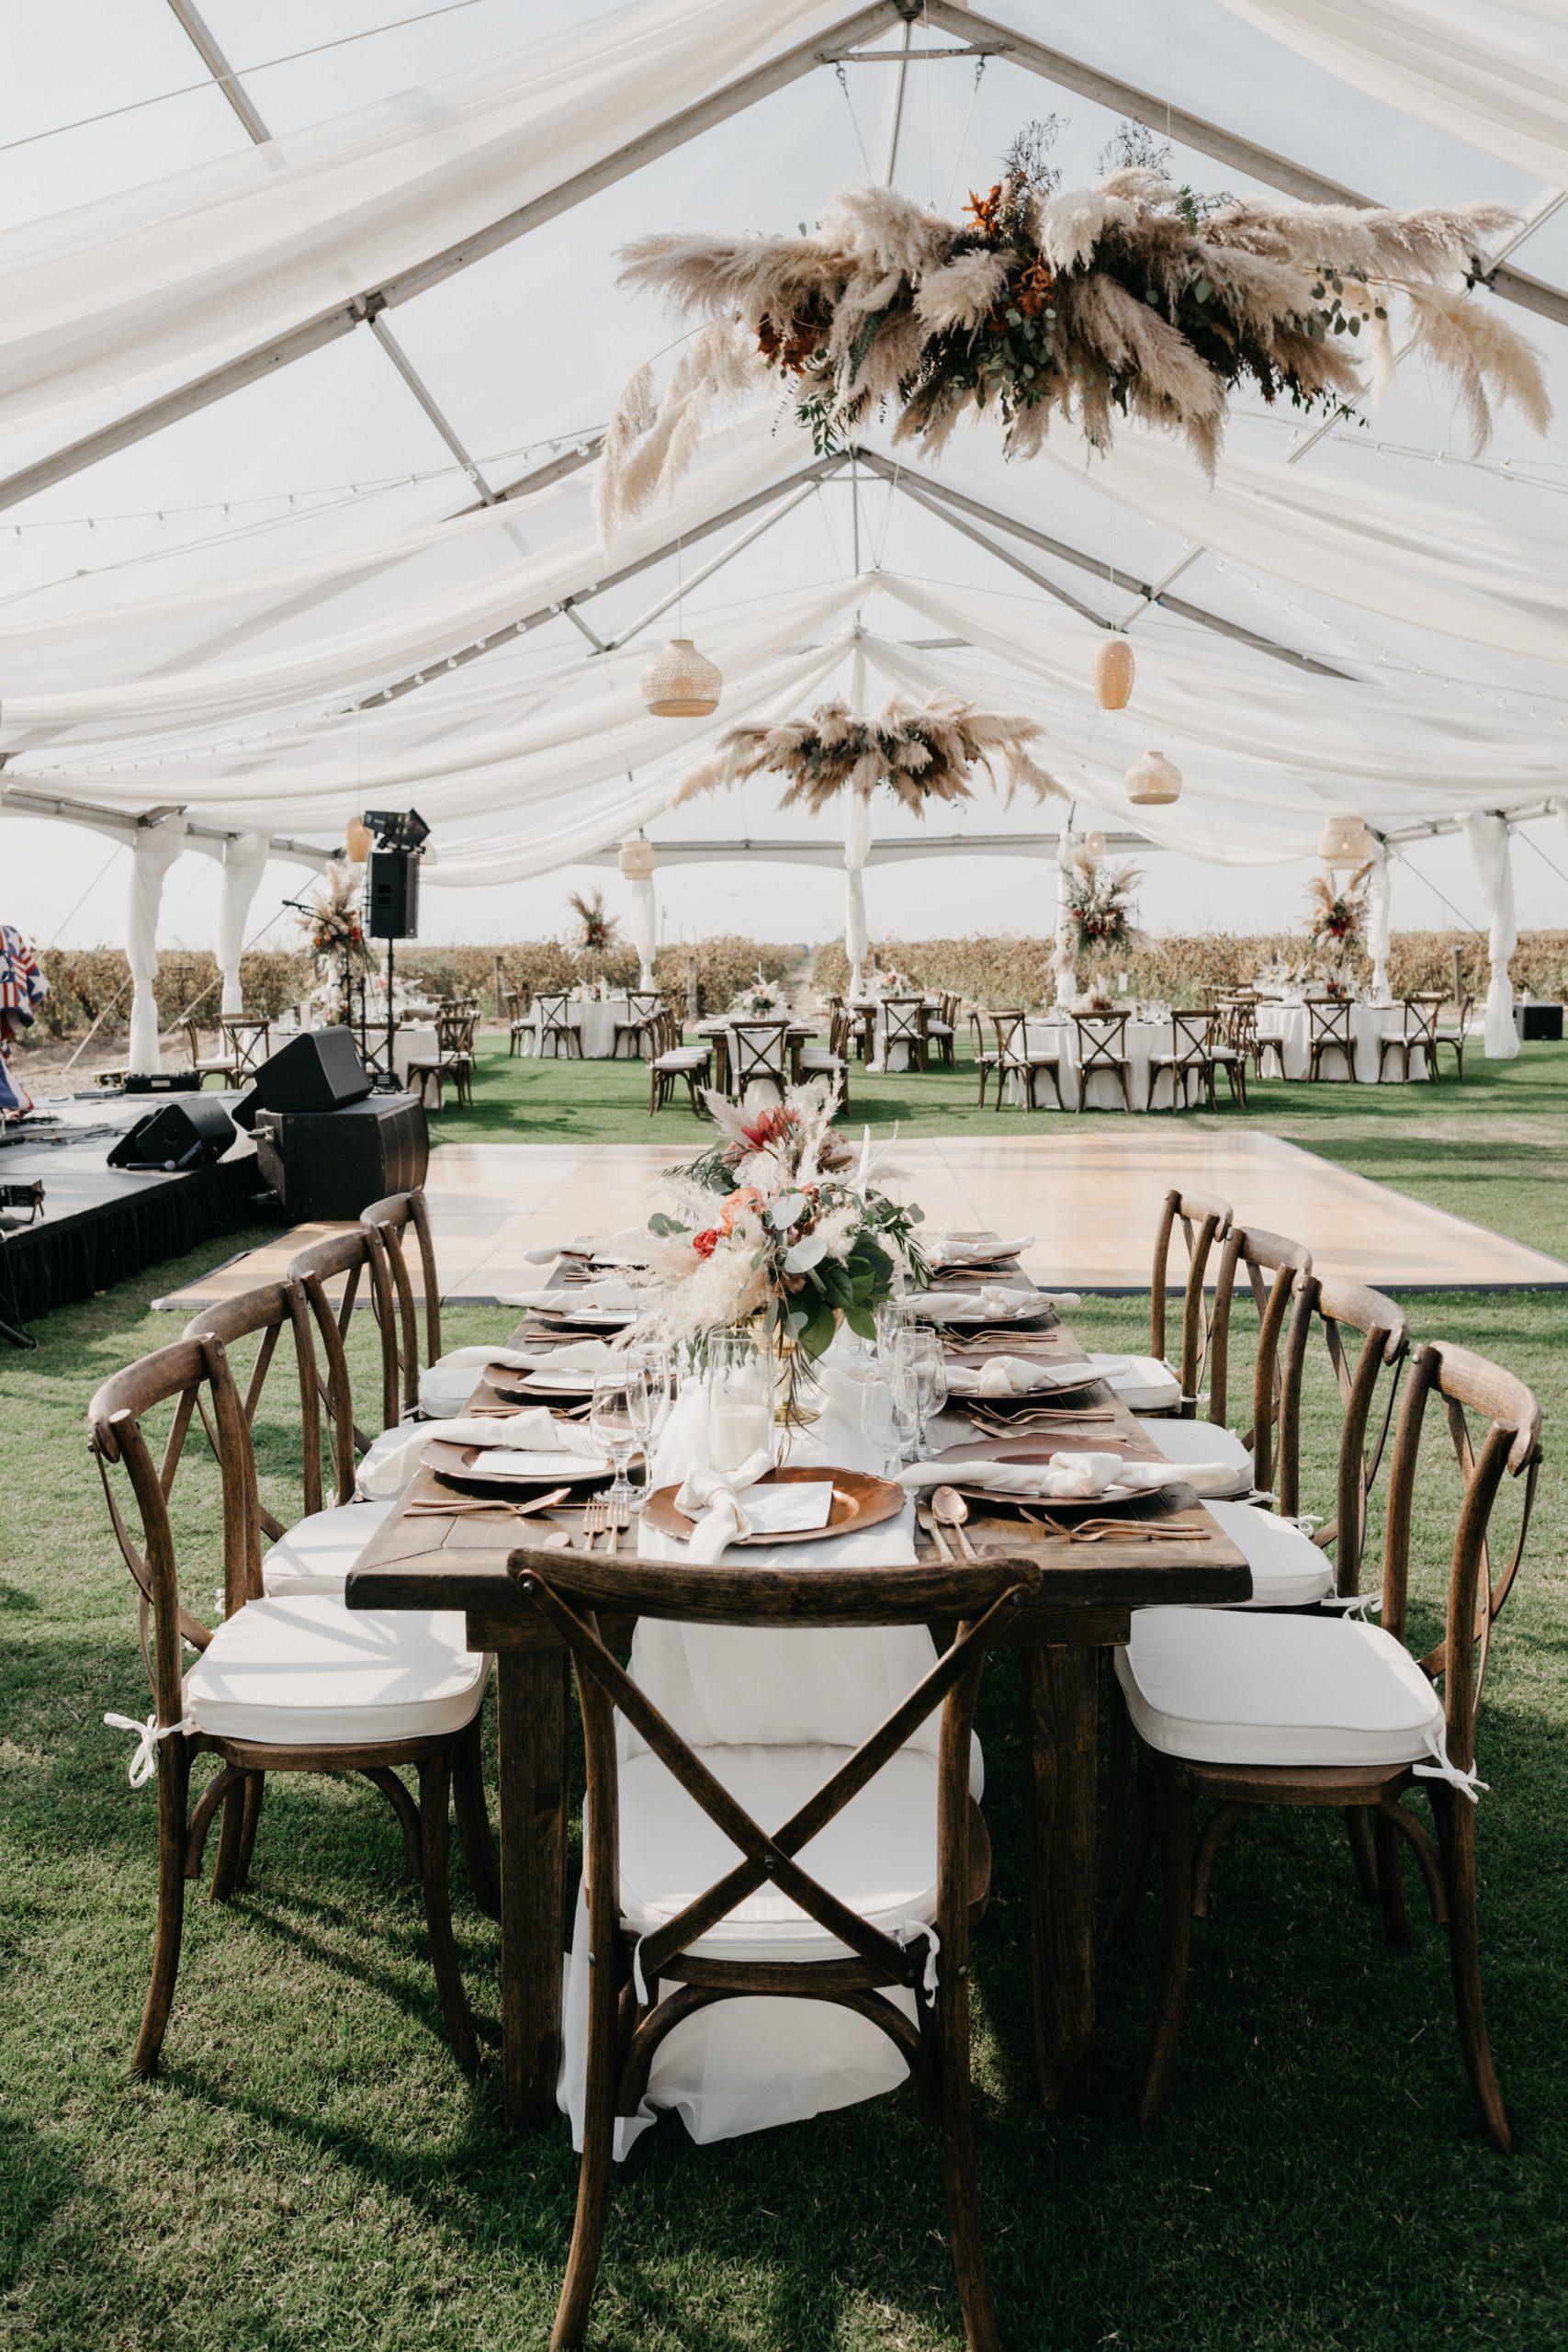 Evanelle Vineyards Wedding, image by Fatima Elreda Photo